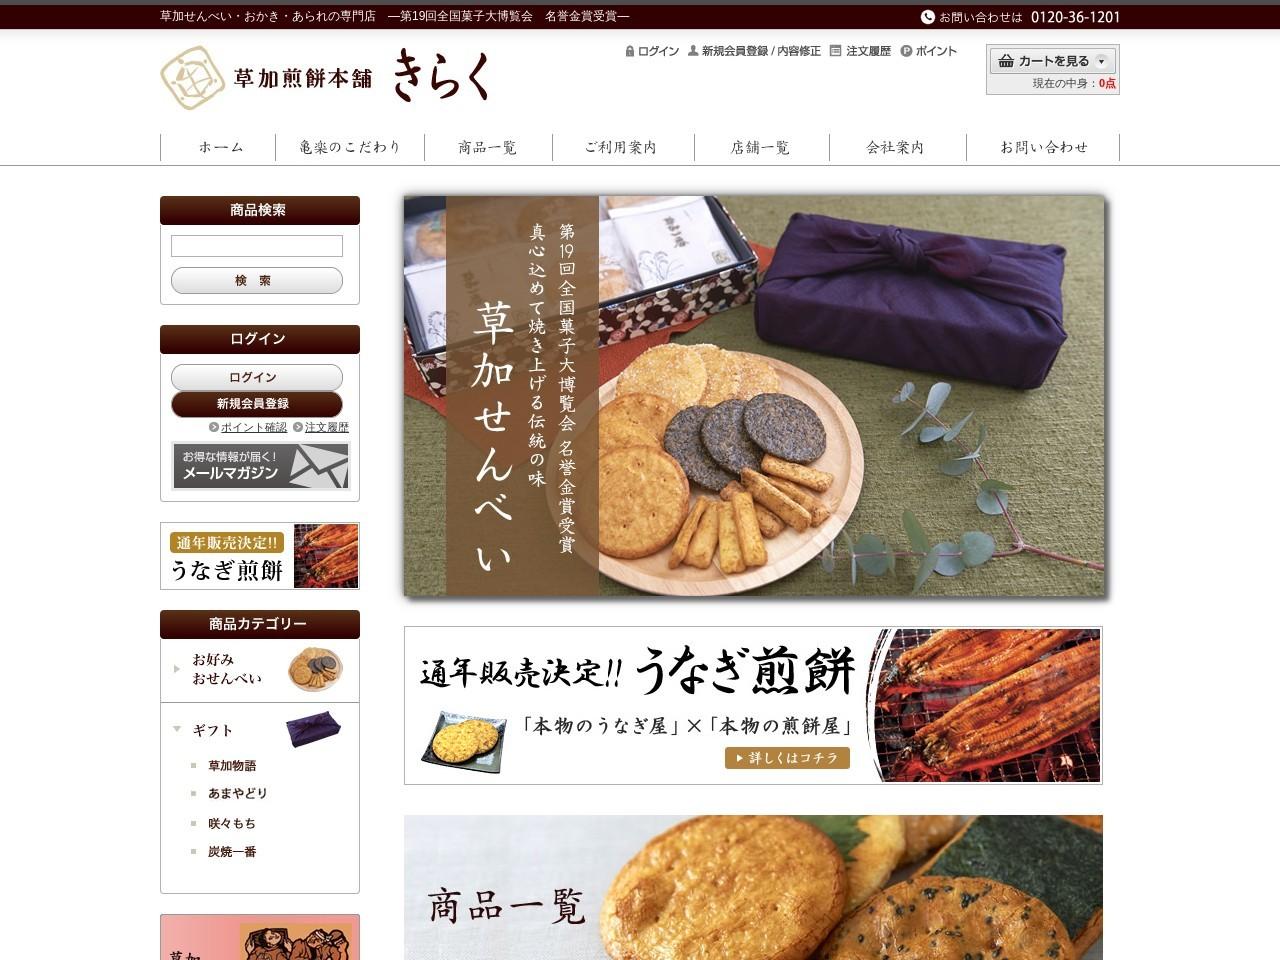 株式会社草加亀楽煎餅本舗